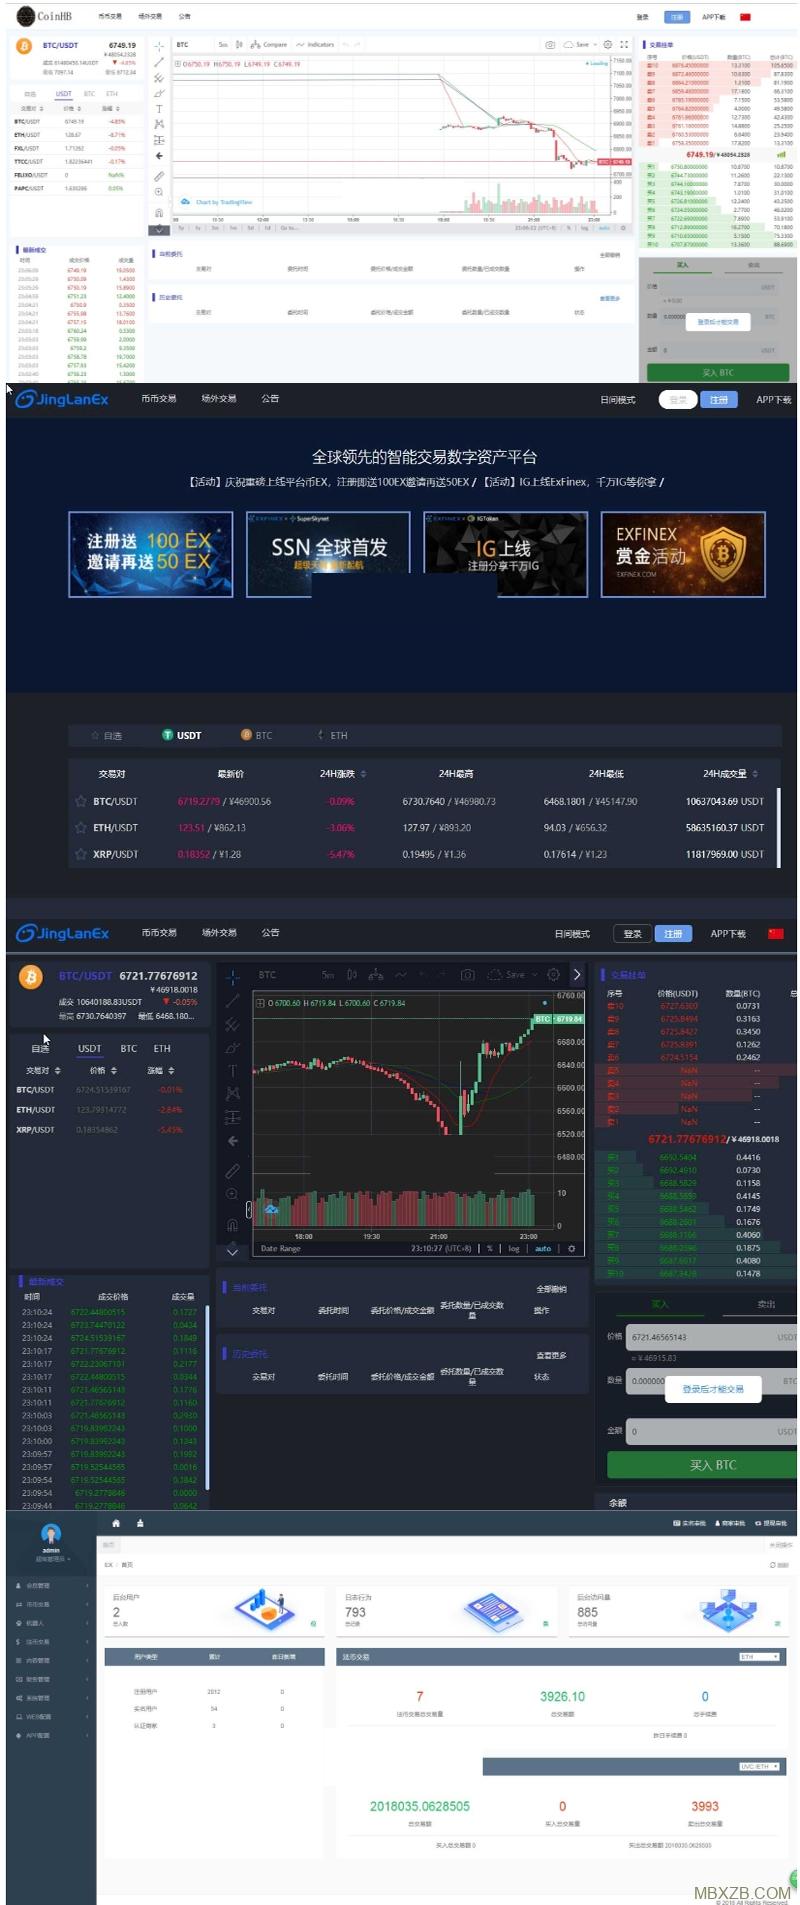 景蓝区块链交易所源码,全新版BTC/OTC/币币交易带充值与钱包系统